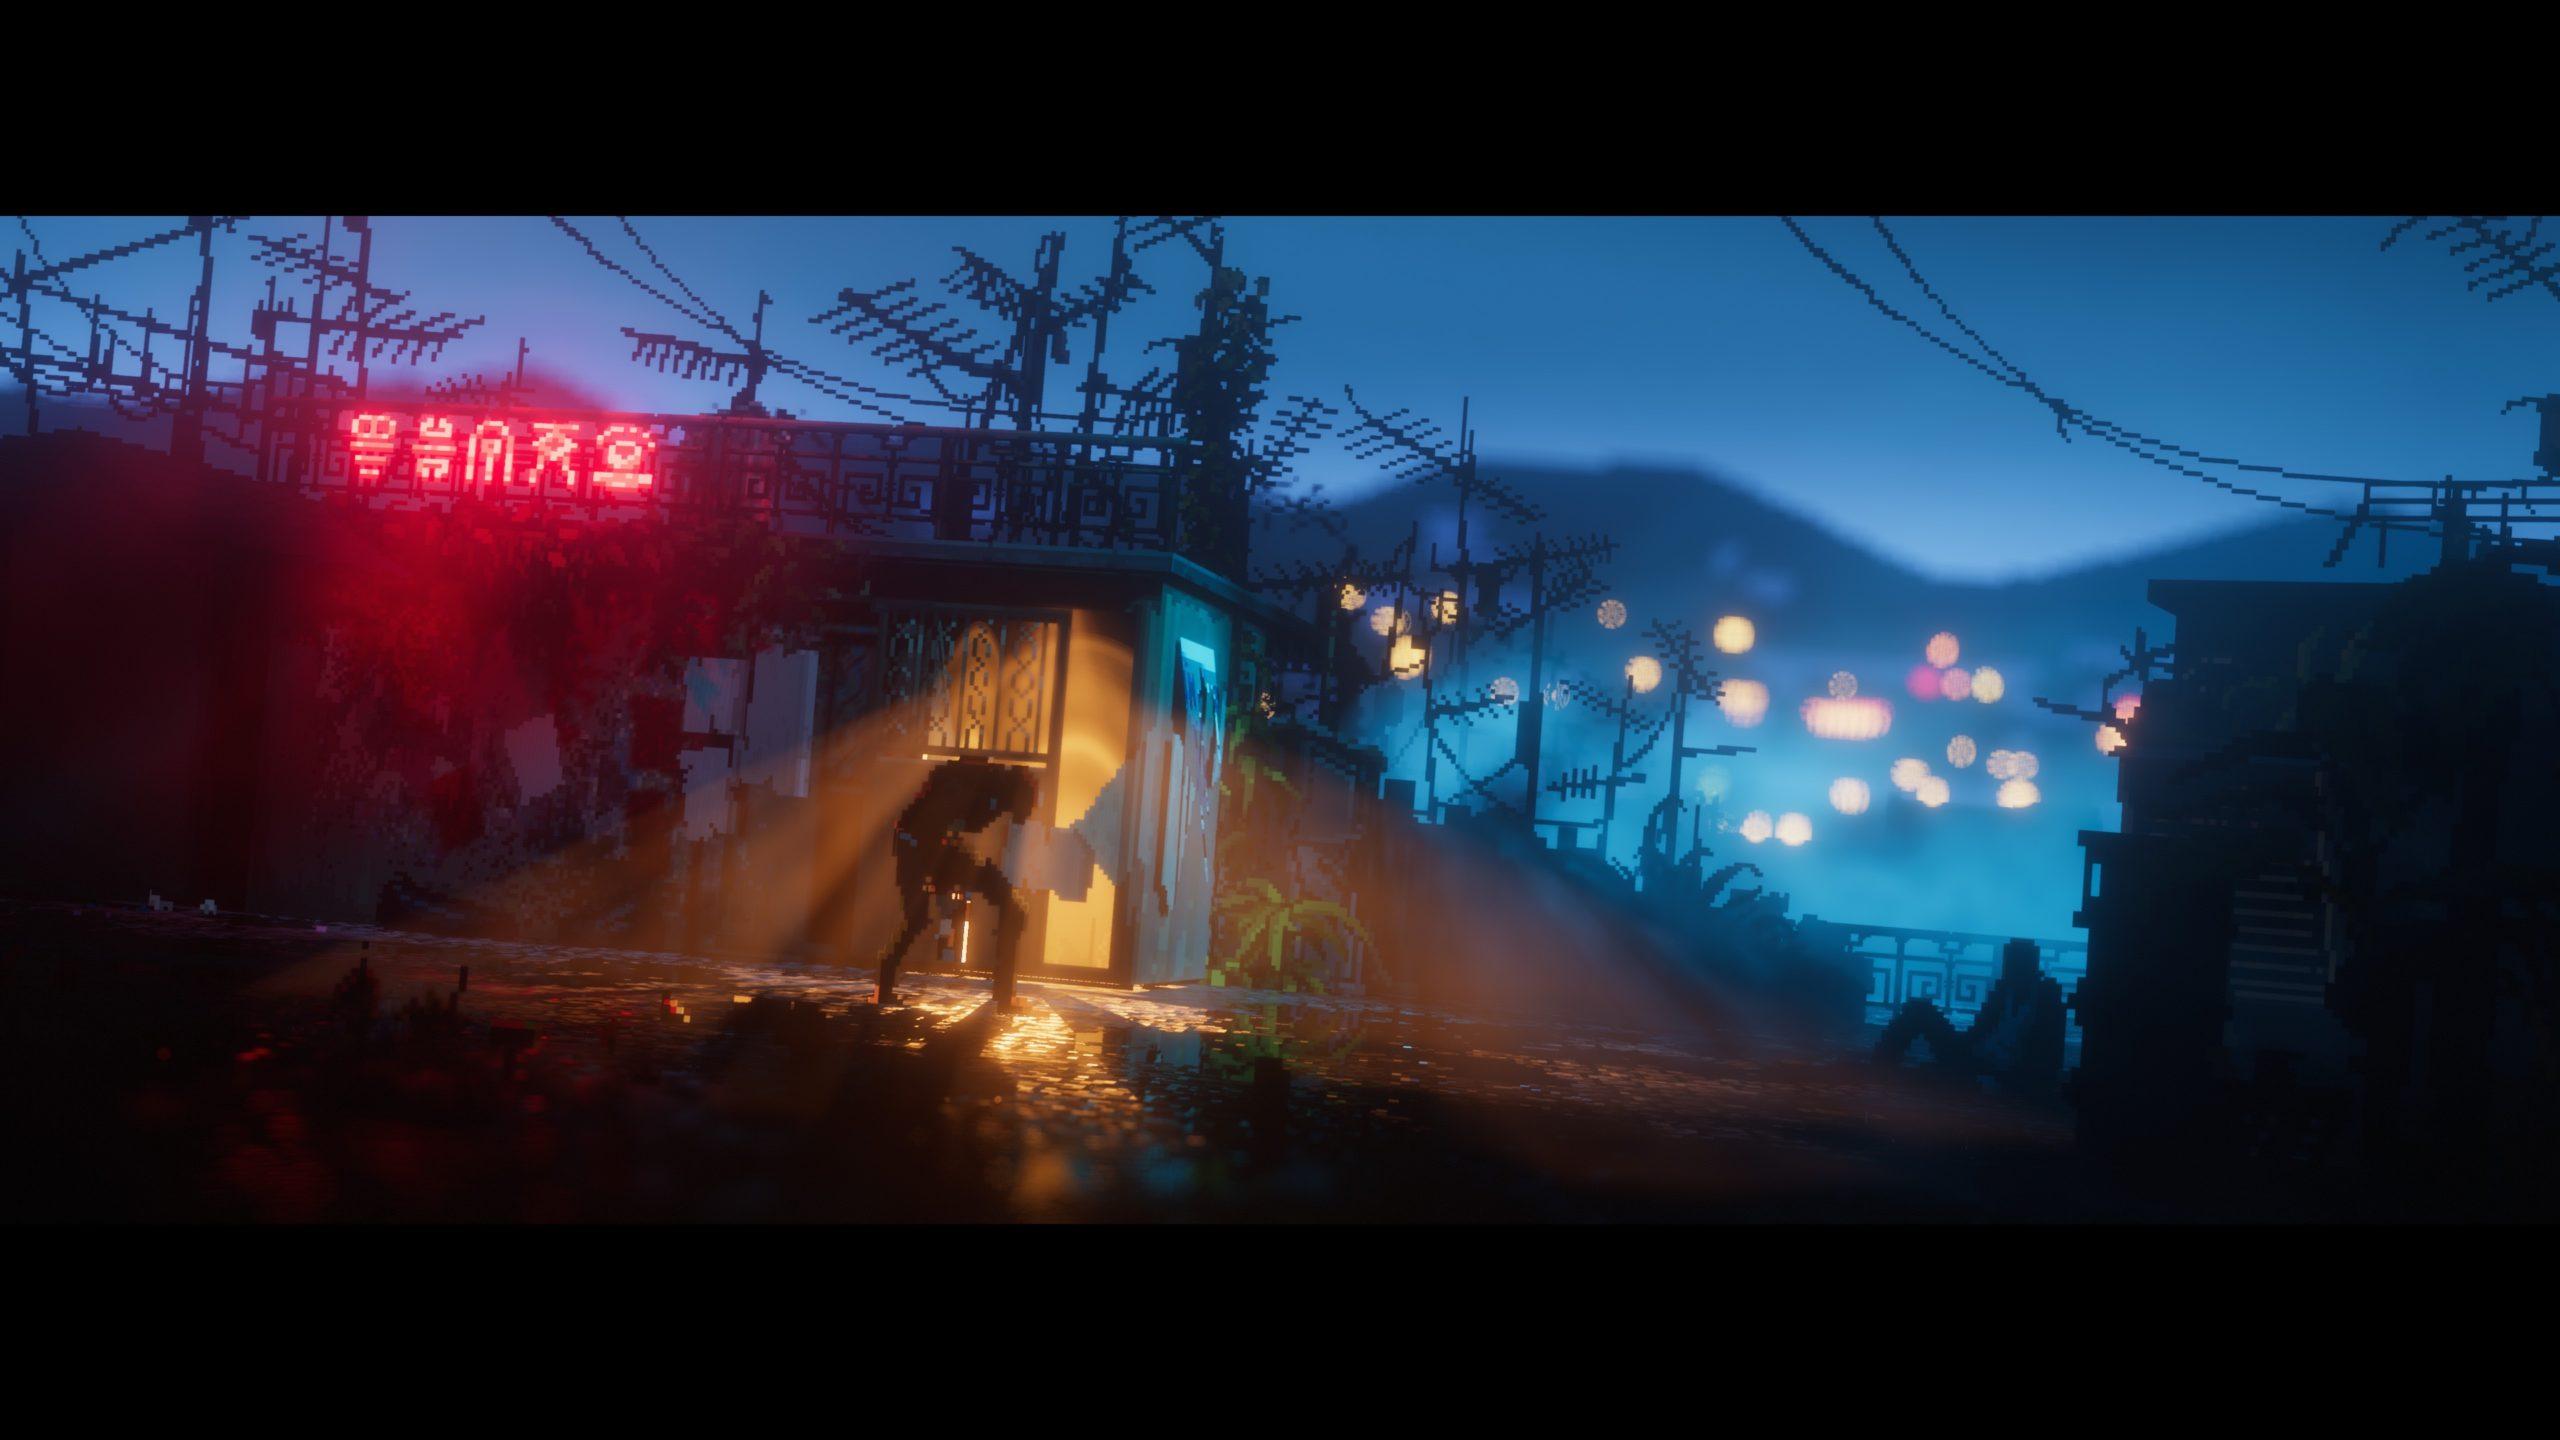 Больше 250,000 пользователей Steam добавили игру The Last Night в вишлист.